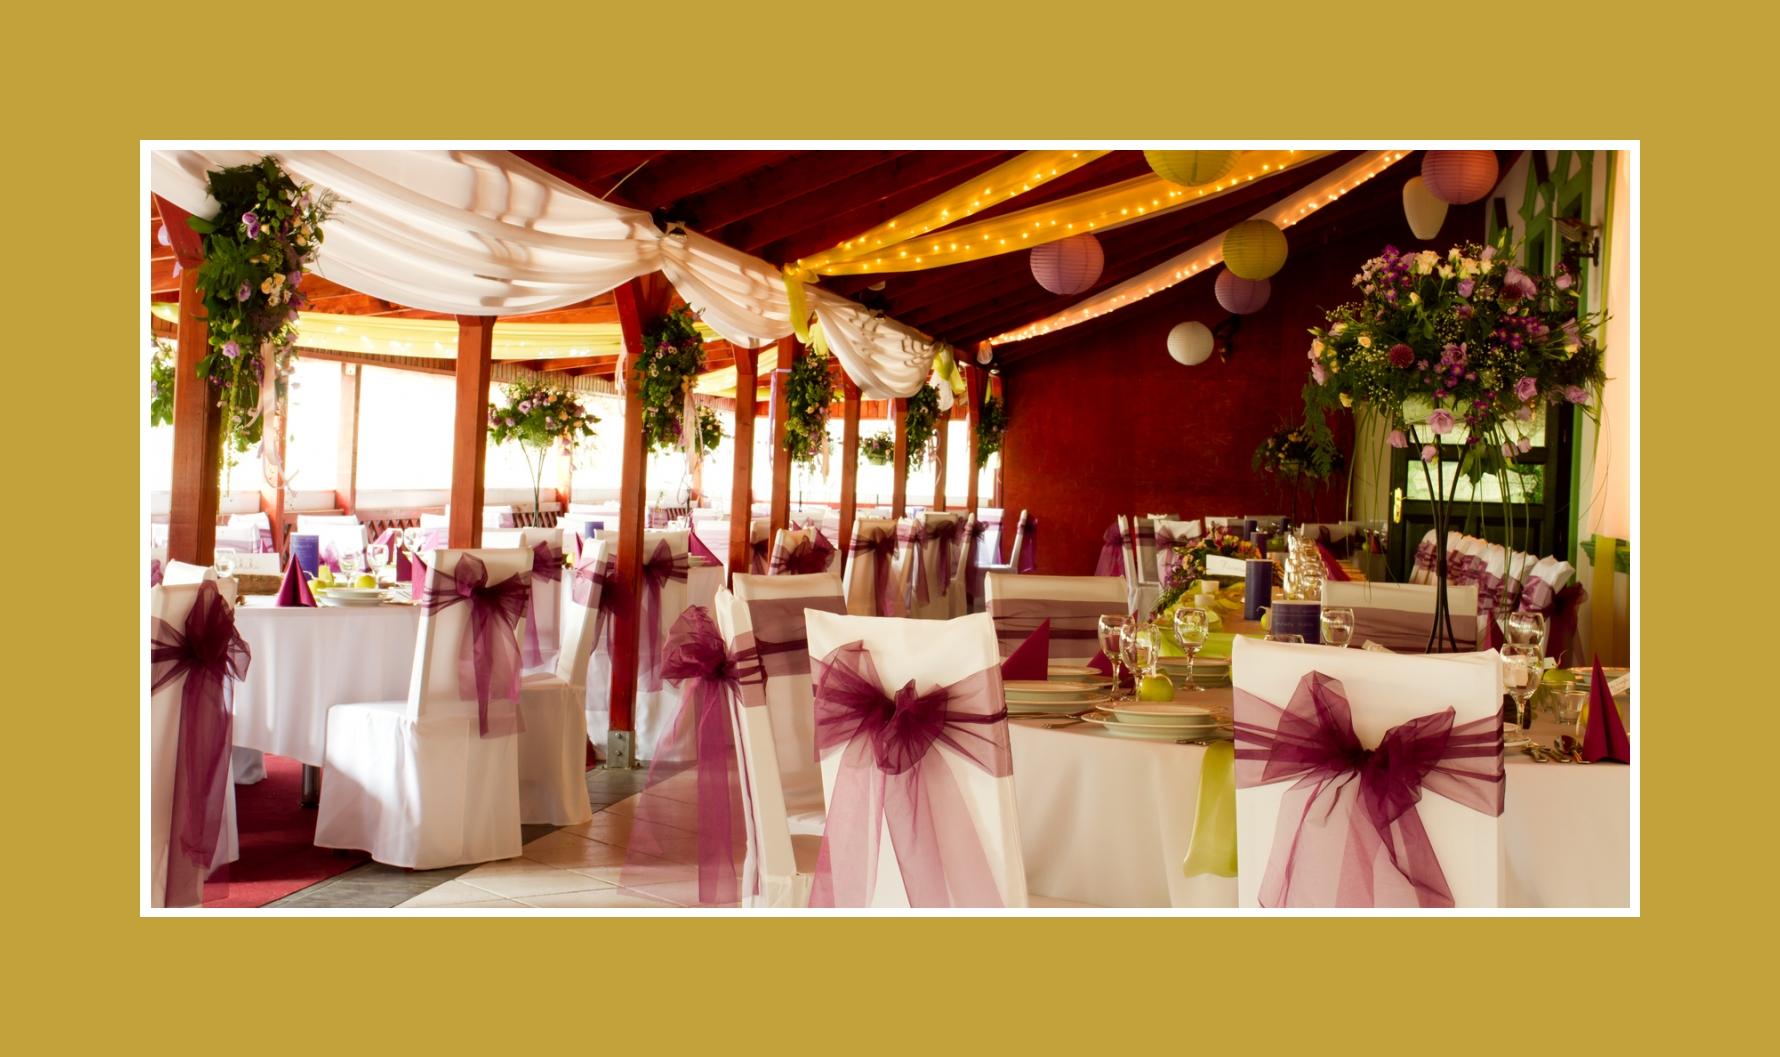 Hochzeitslocation für Hochzeit in Bordeaux Grün dekoriert